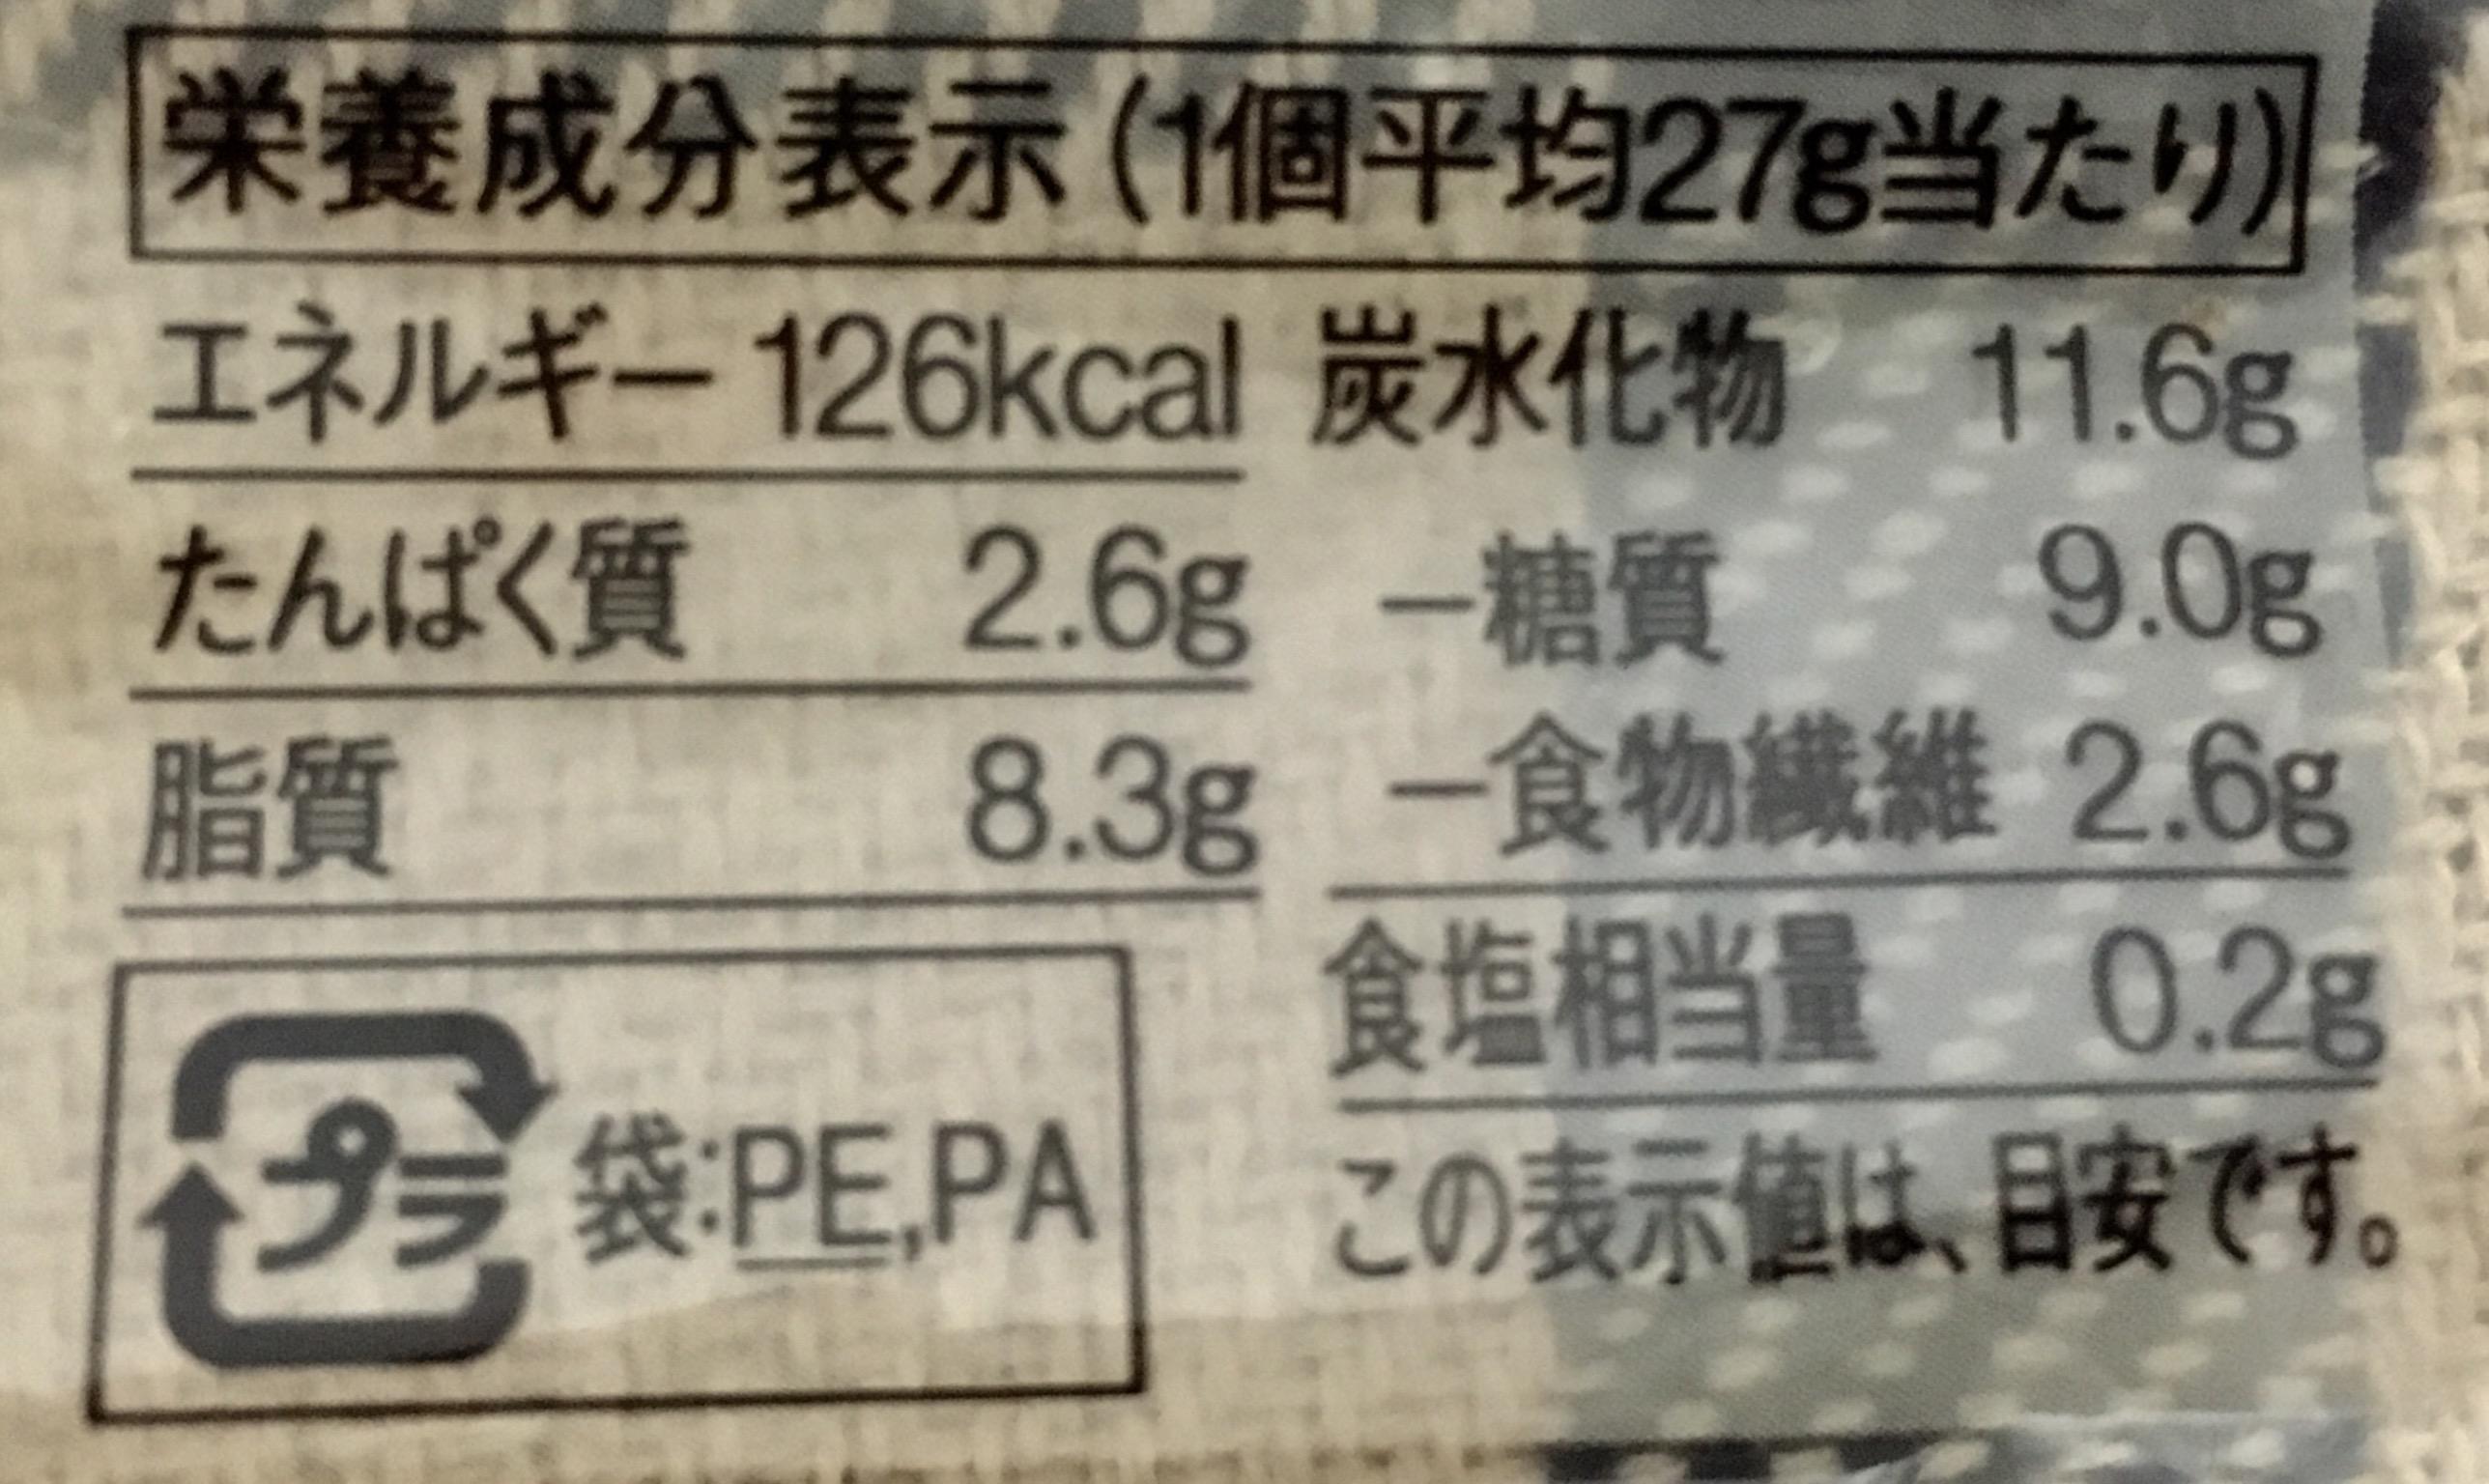 無印良品の糖質10g以下のお菓子 フィナンシェの栄養成分表示